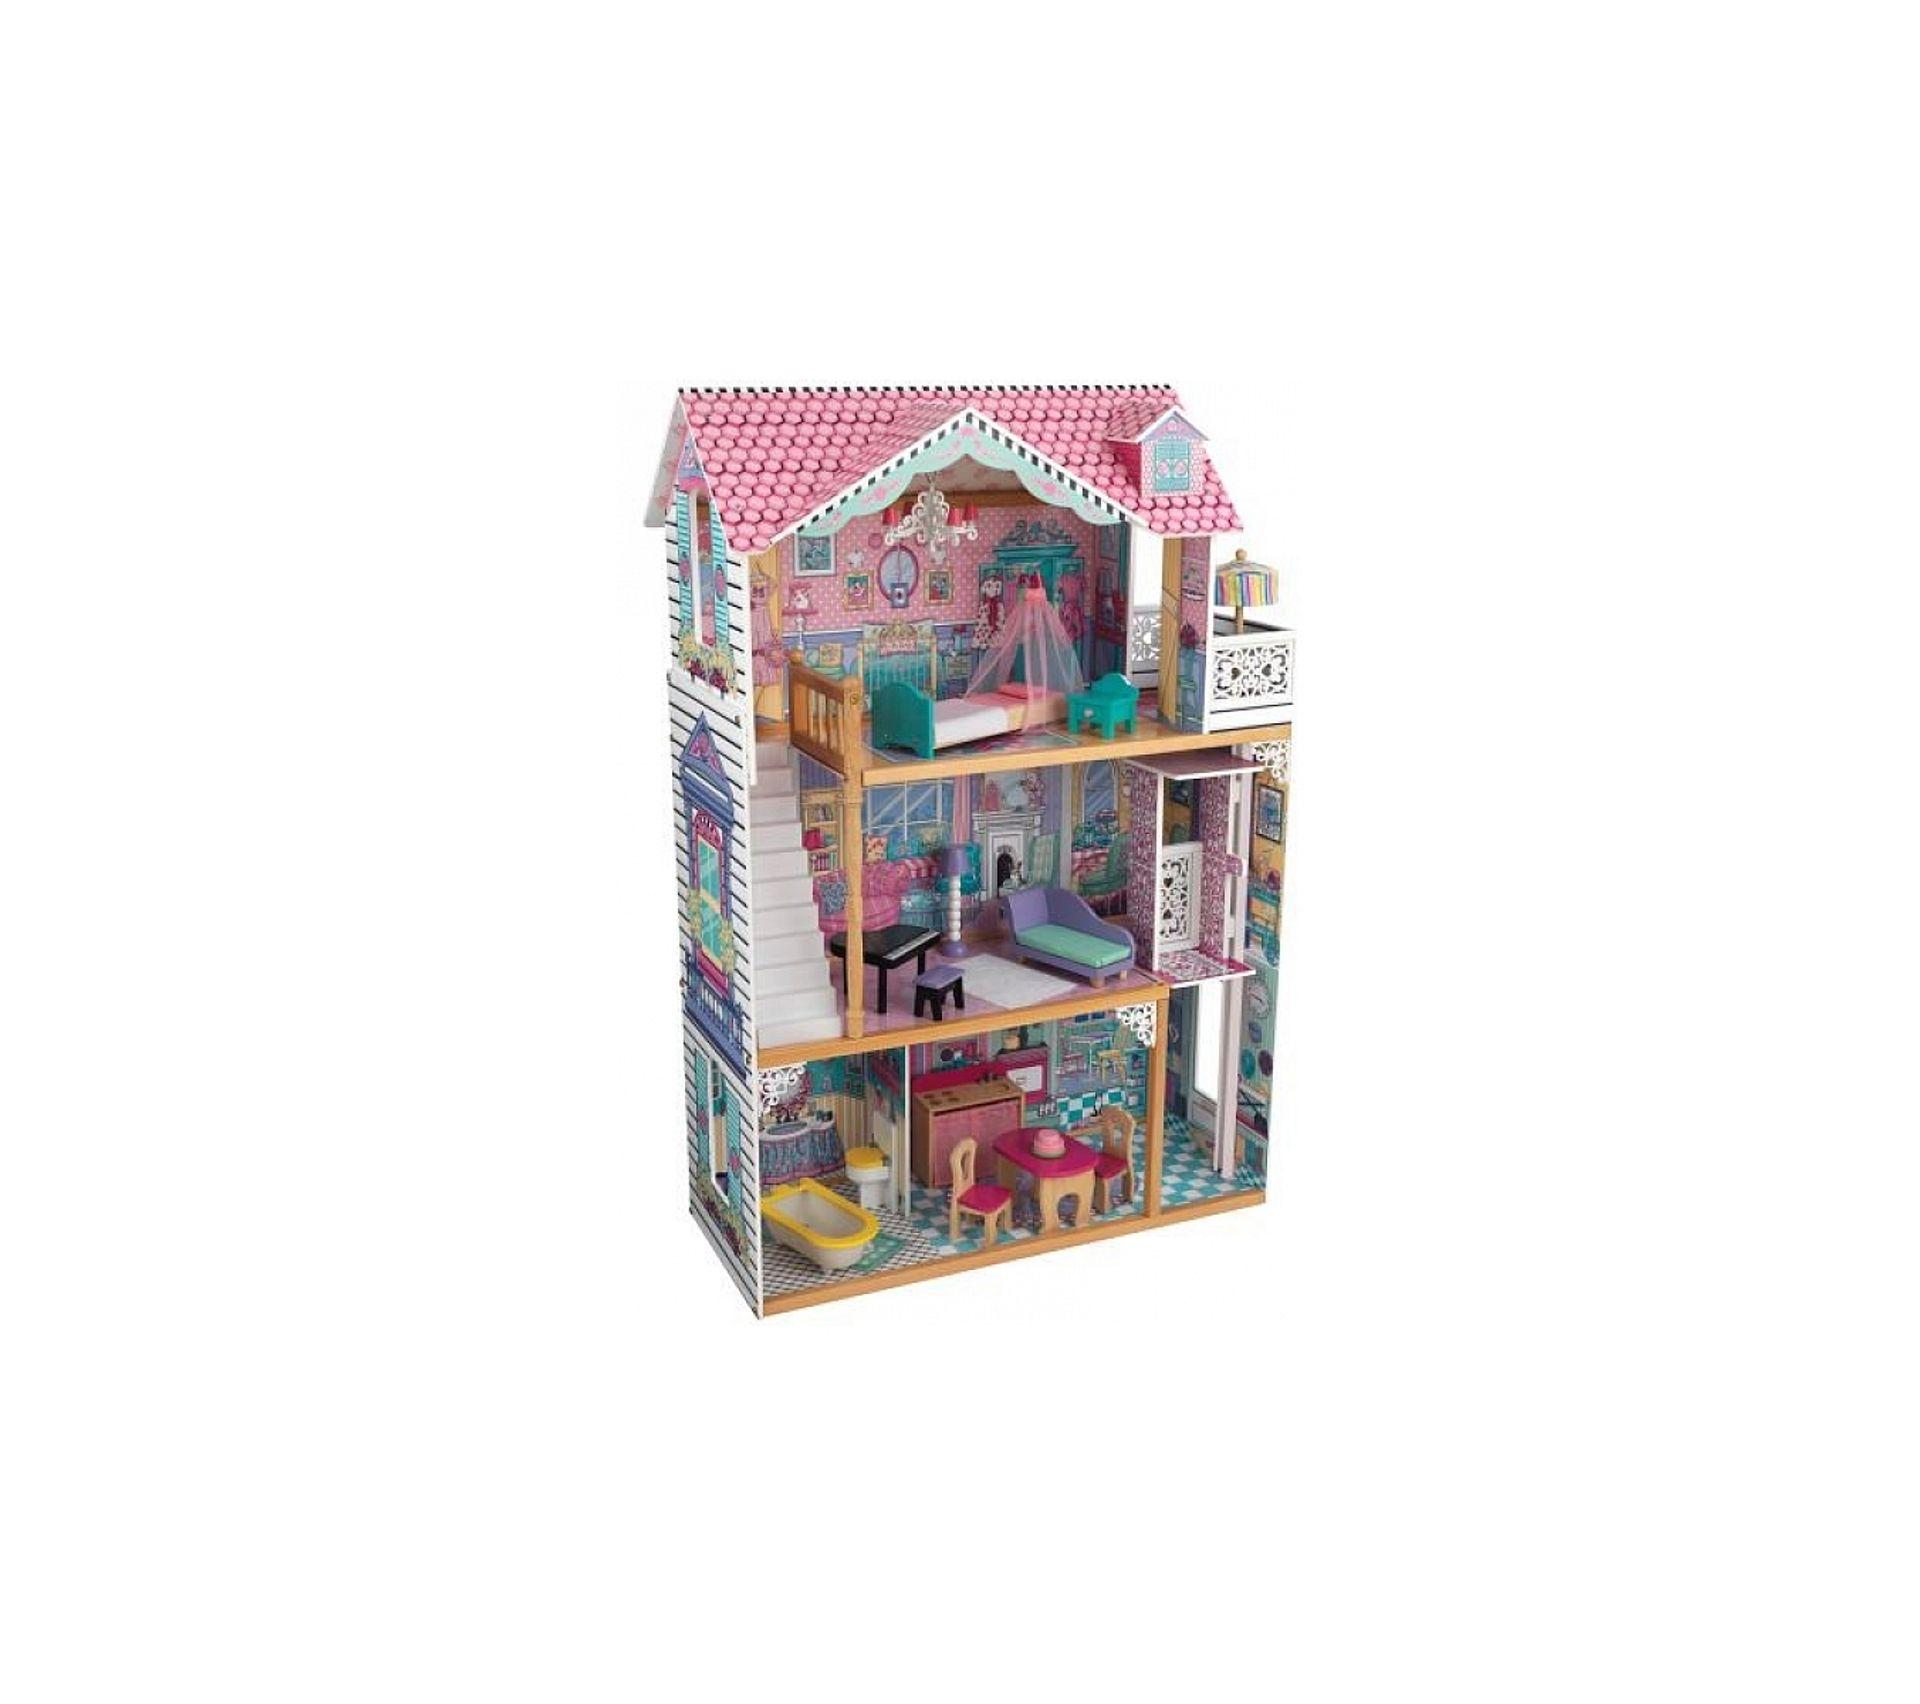 Miniature De Lavabo Jardin Toilettes//Extérieur WC maison de poupées miniature